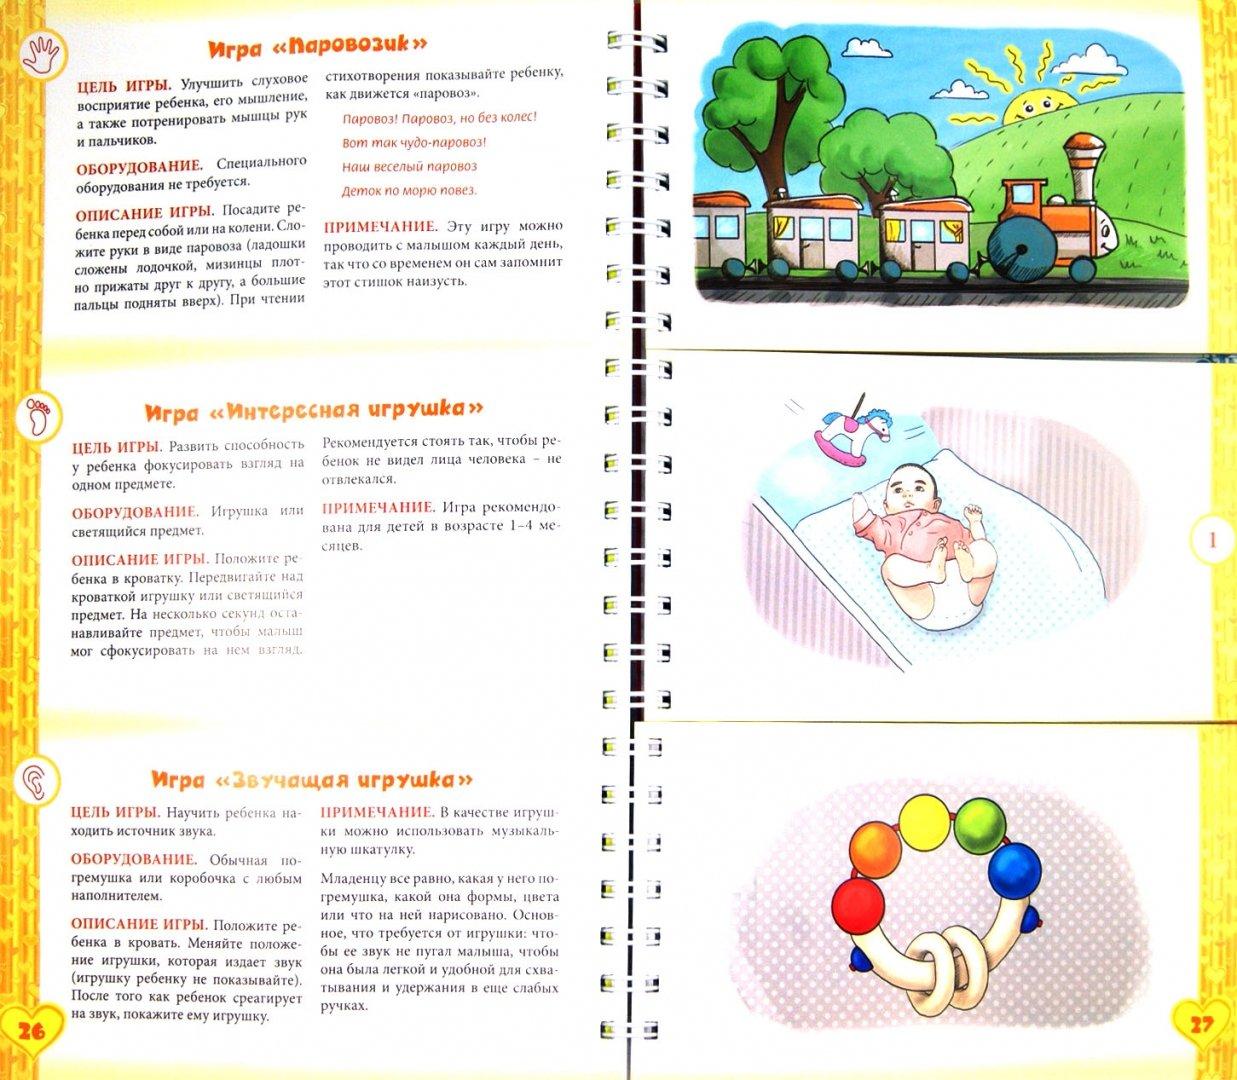 Иллюстрация 1 из 15 для Развивающие игры для детей от 0 до 5 лет | Лабиринт - книги. Источник: Лабиринт